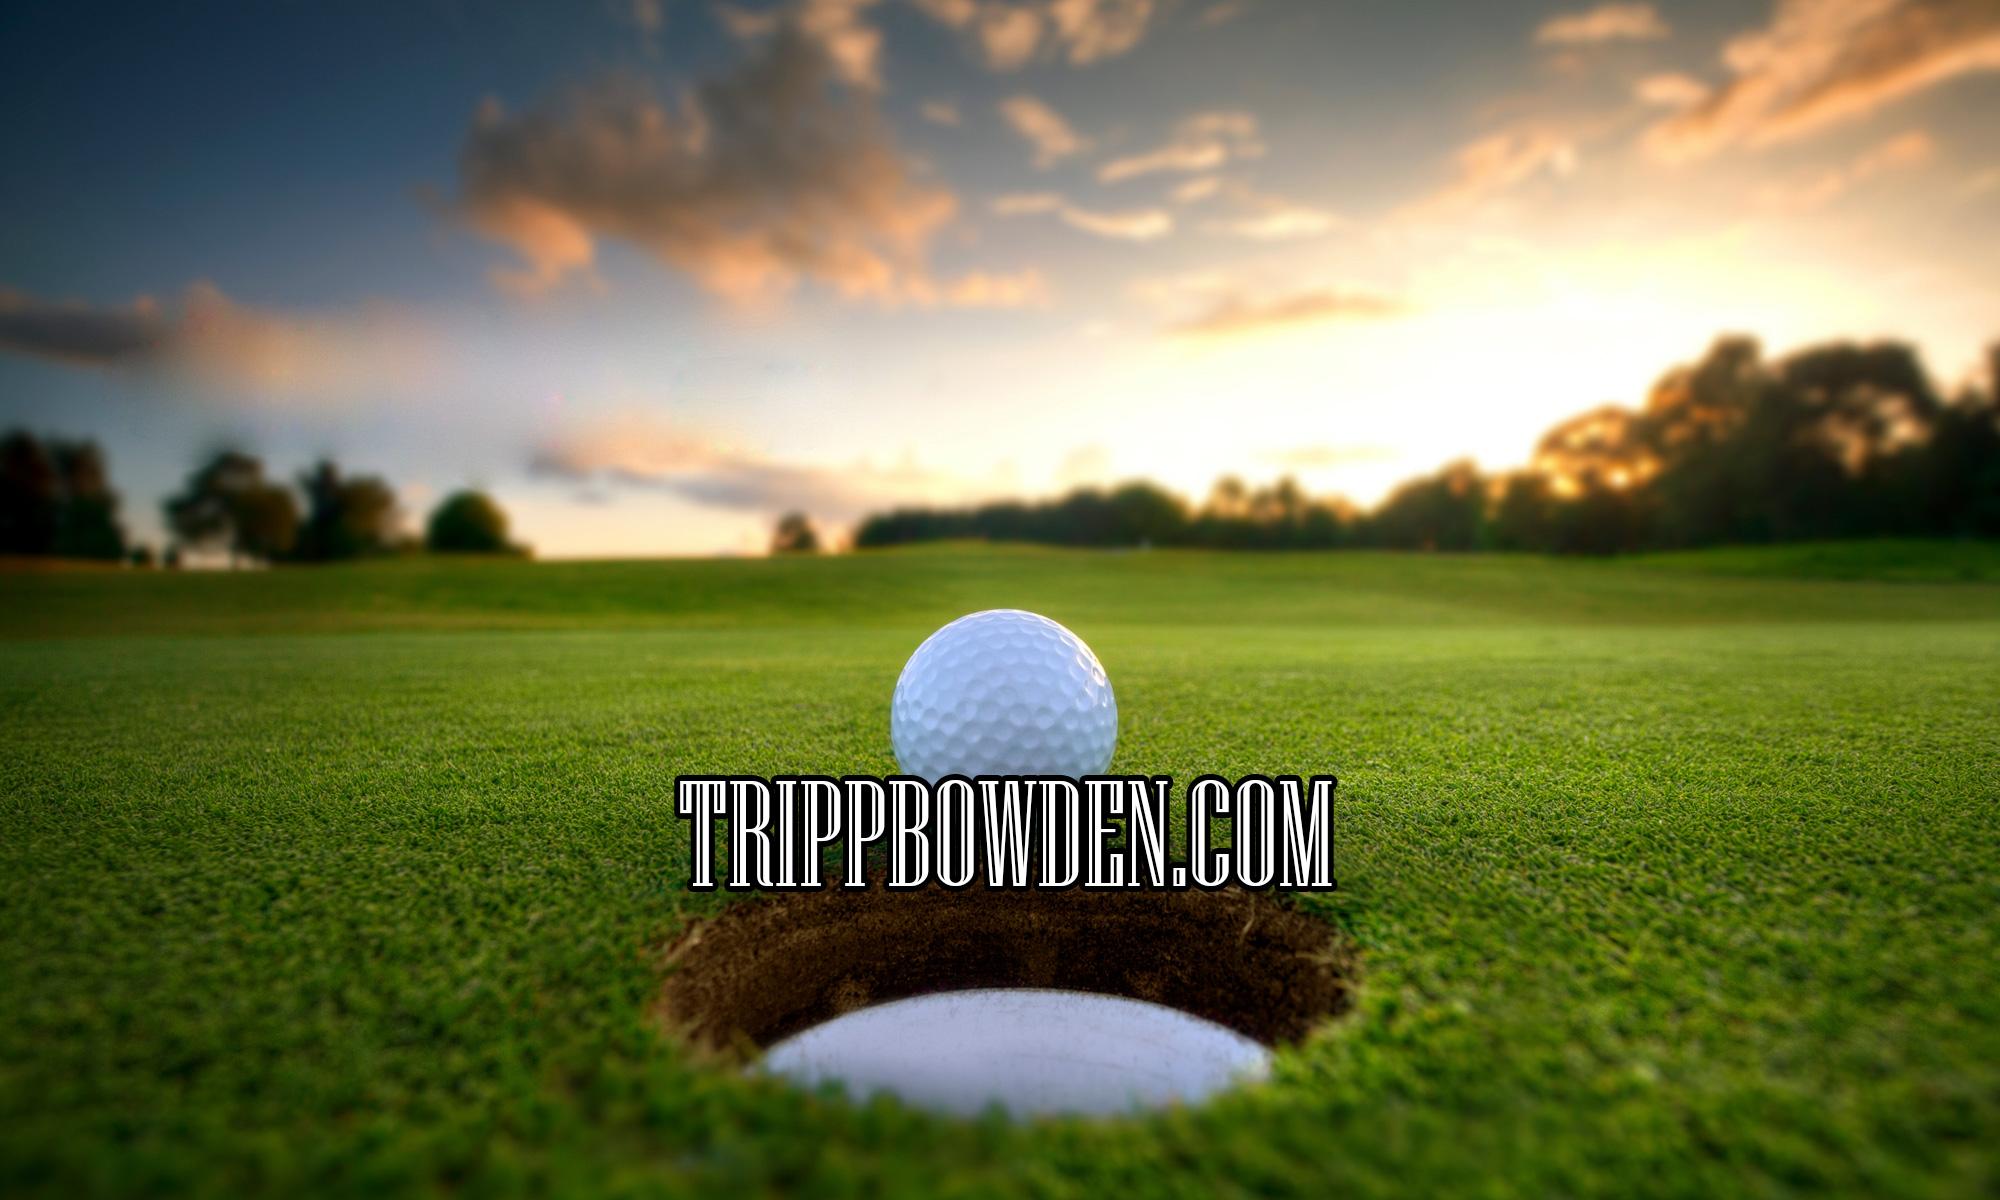 TrippBowden.com